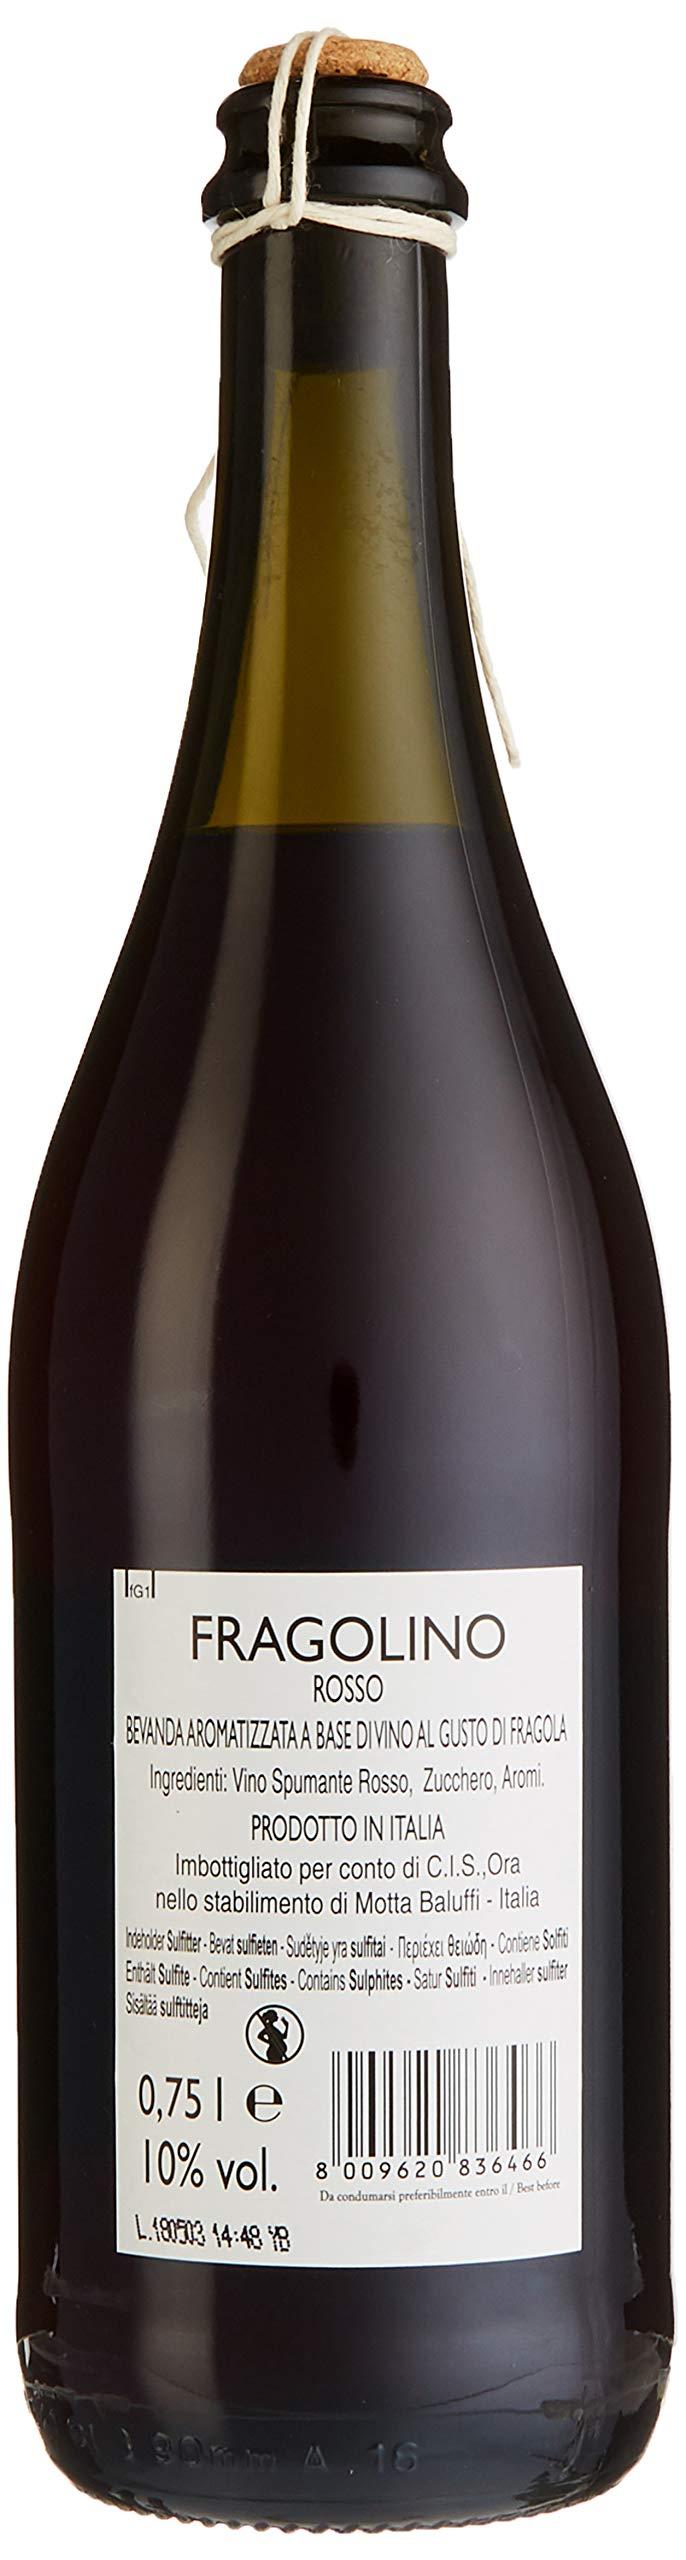 Masseria-la-Volpe-Fragolino-Rosso-Cuve-Lieblich-1-x-075-l-parent